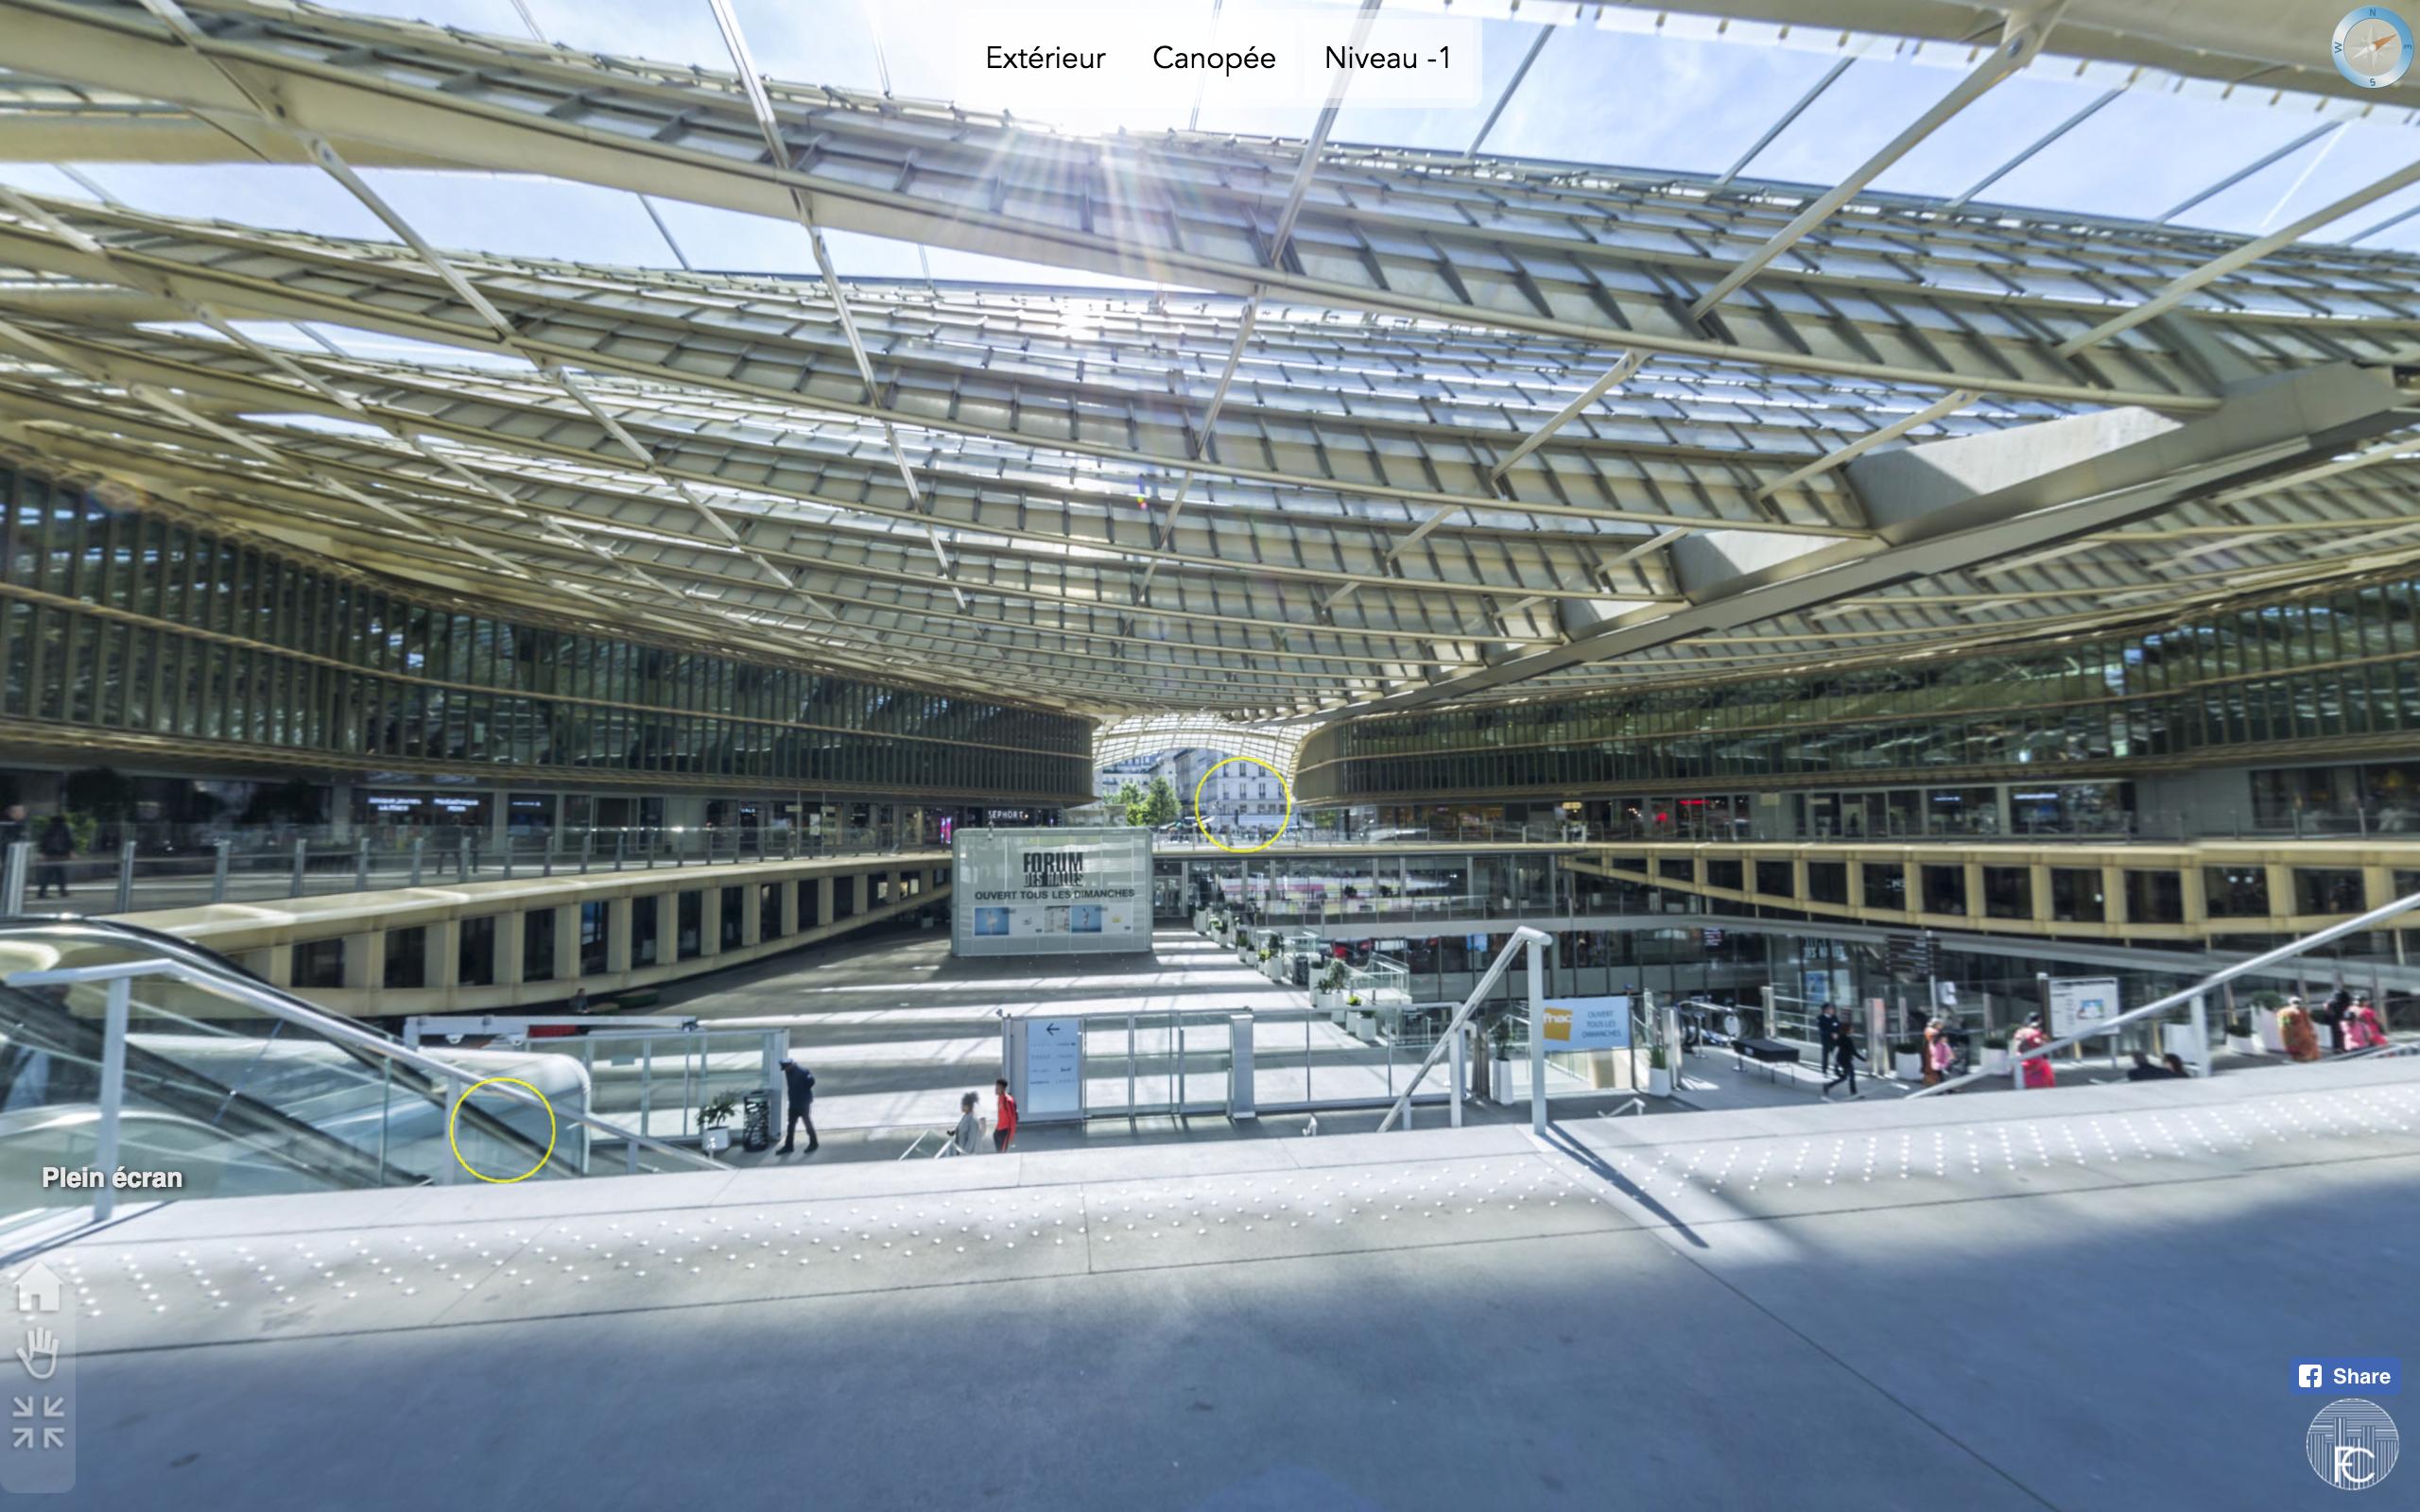 Visite virtuelle de la Canopée, Forum des Halles